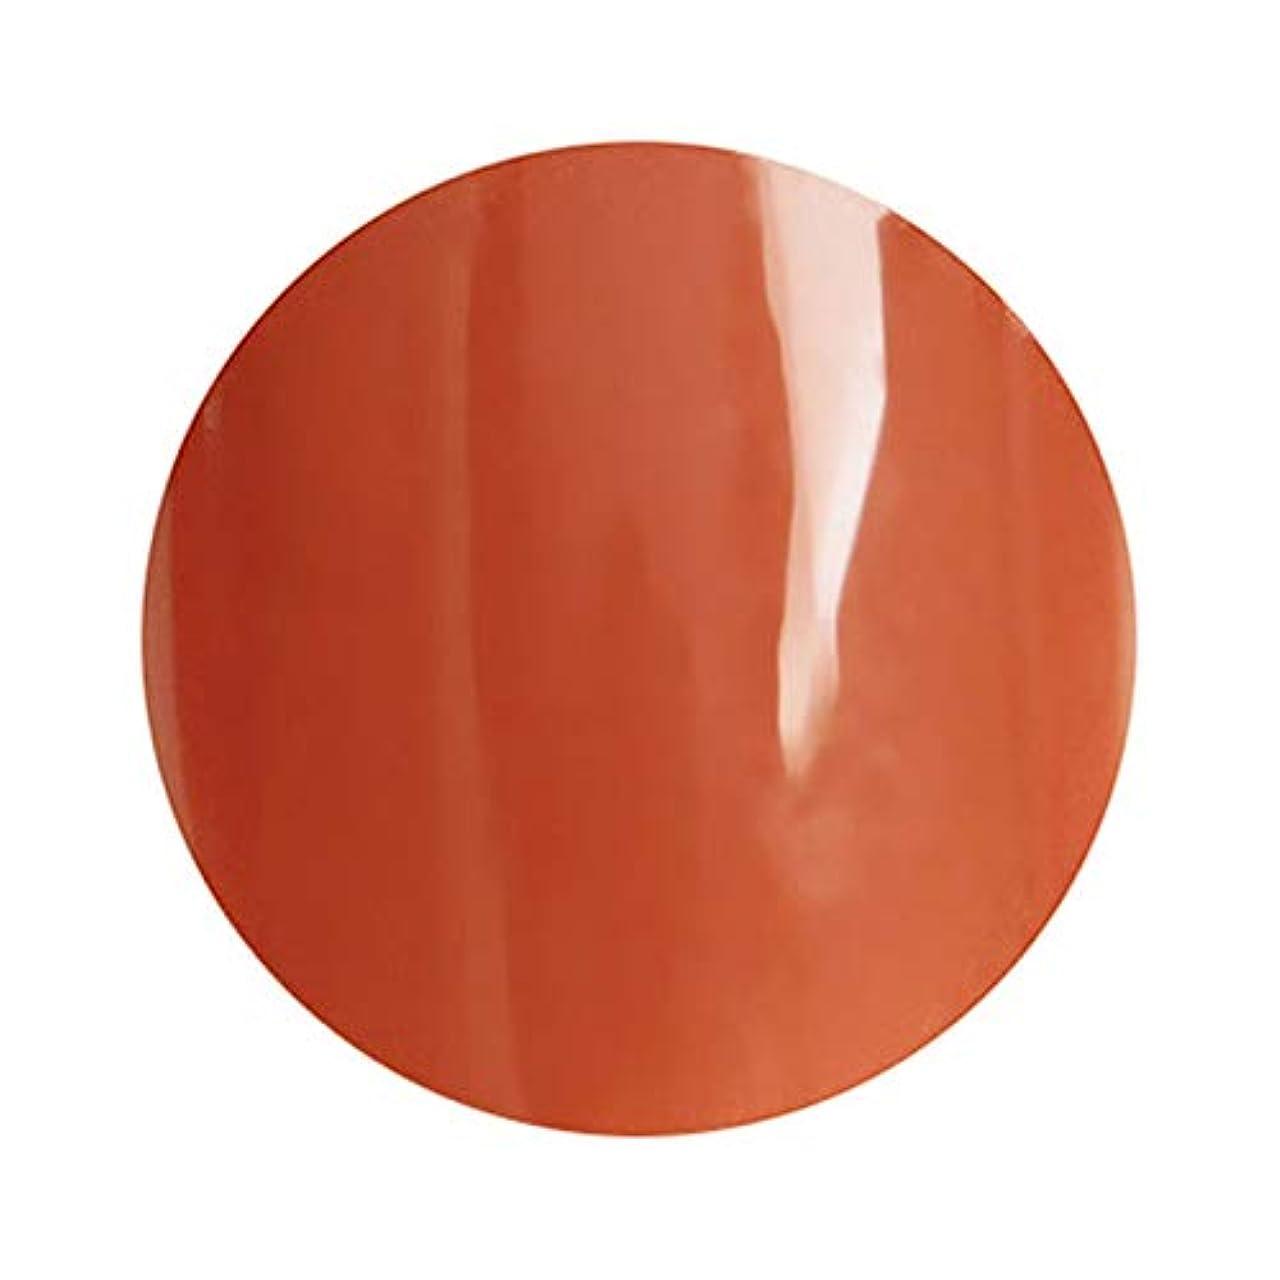 カウボーイパニック爆発物para gel パラジェル カラージェル S033 アウェイクニングオレンジ 4g (久永ひろよプロデュース)